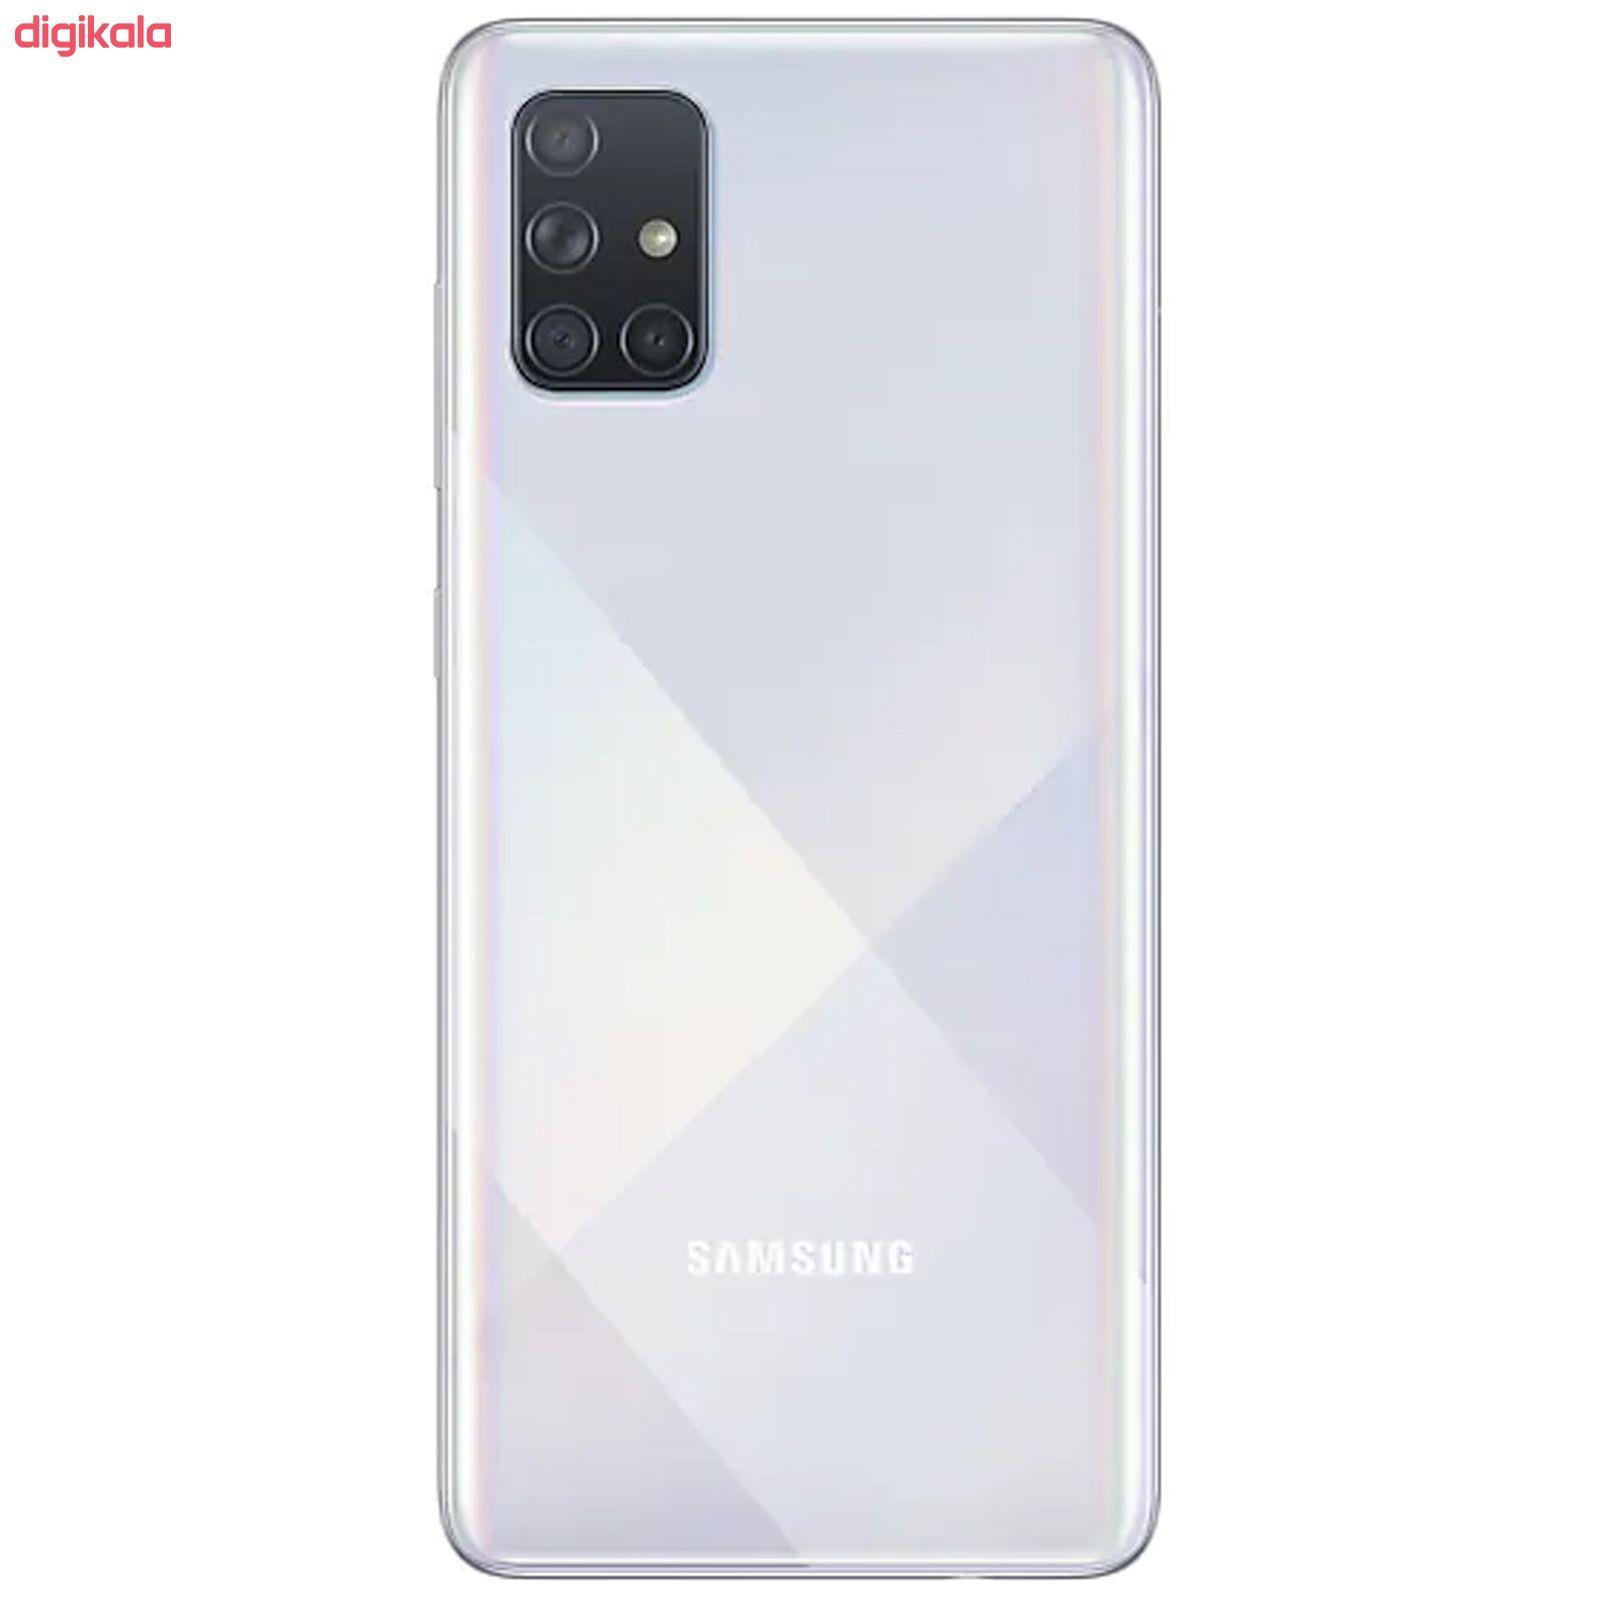 گوشی موبایل سامسونگ مدل Galaxy A71 SM-A715F/DS دو سیمکارت ظرفیت 128 گیگابایت همراه با رم 8 گیگابایت main 1 9